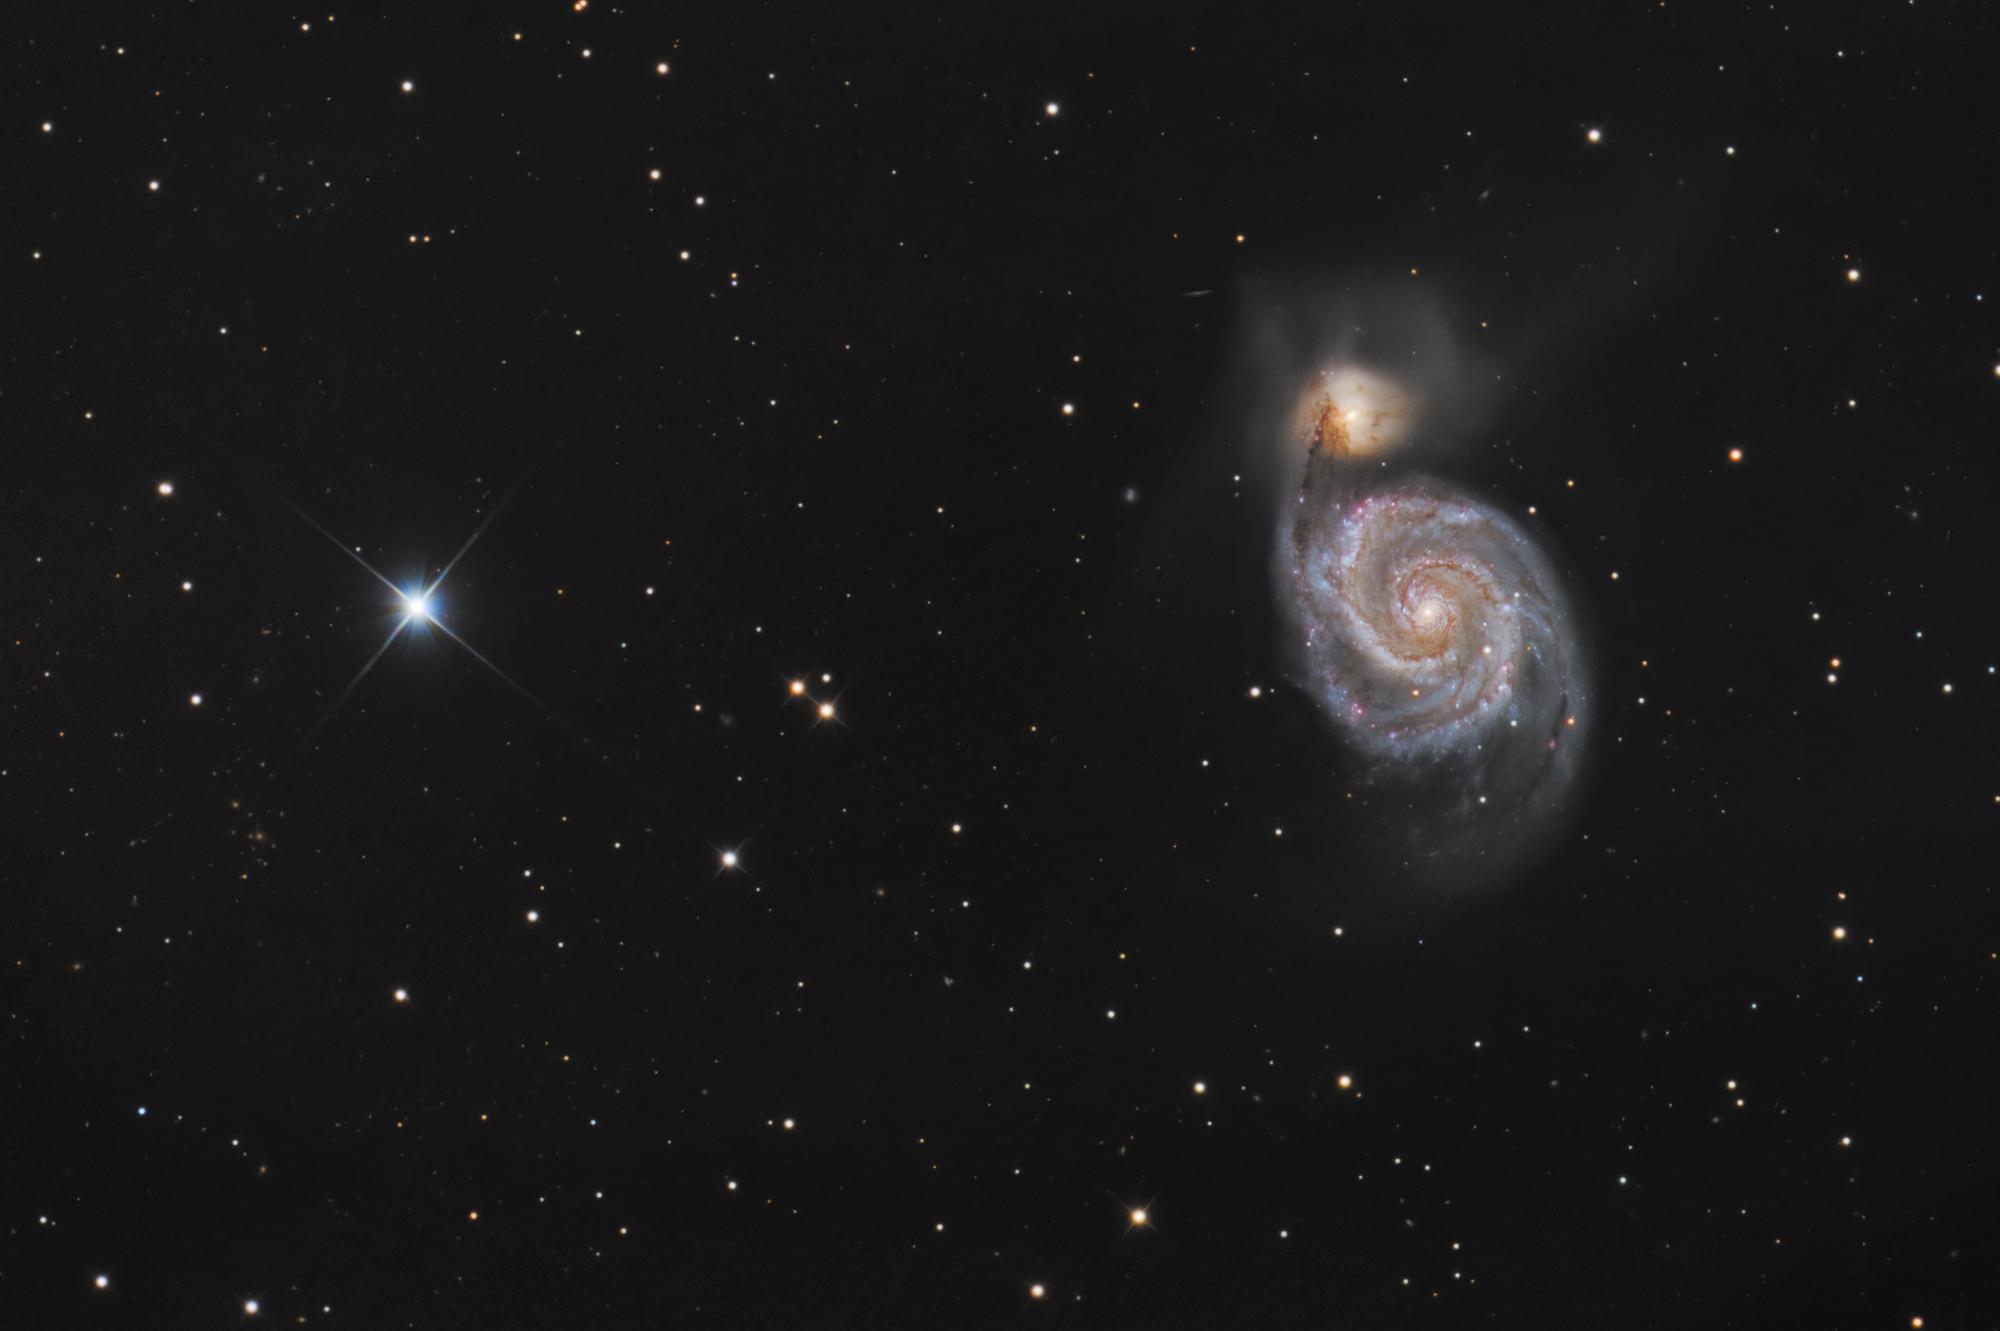 M51-Newthom_TBexant.thumb.jpg.5f5eba13a4d55c4d5f0a54538aac9ab3.jpg